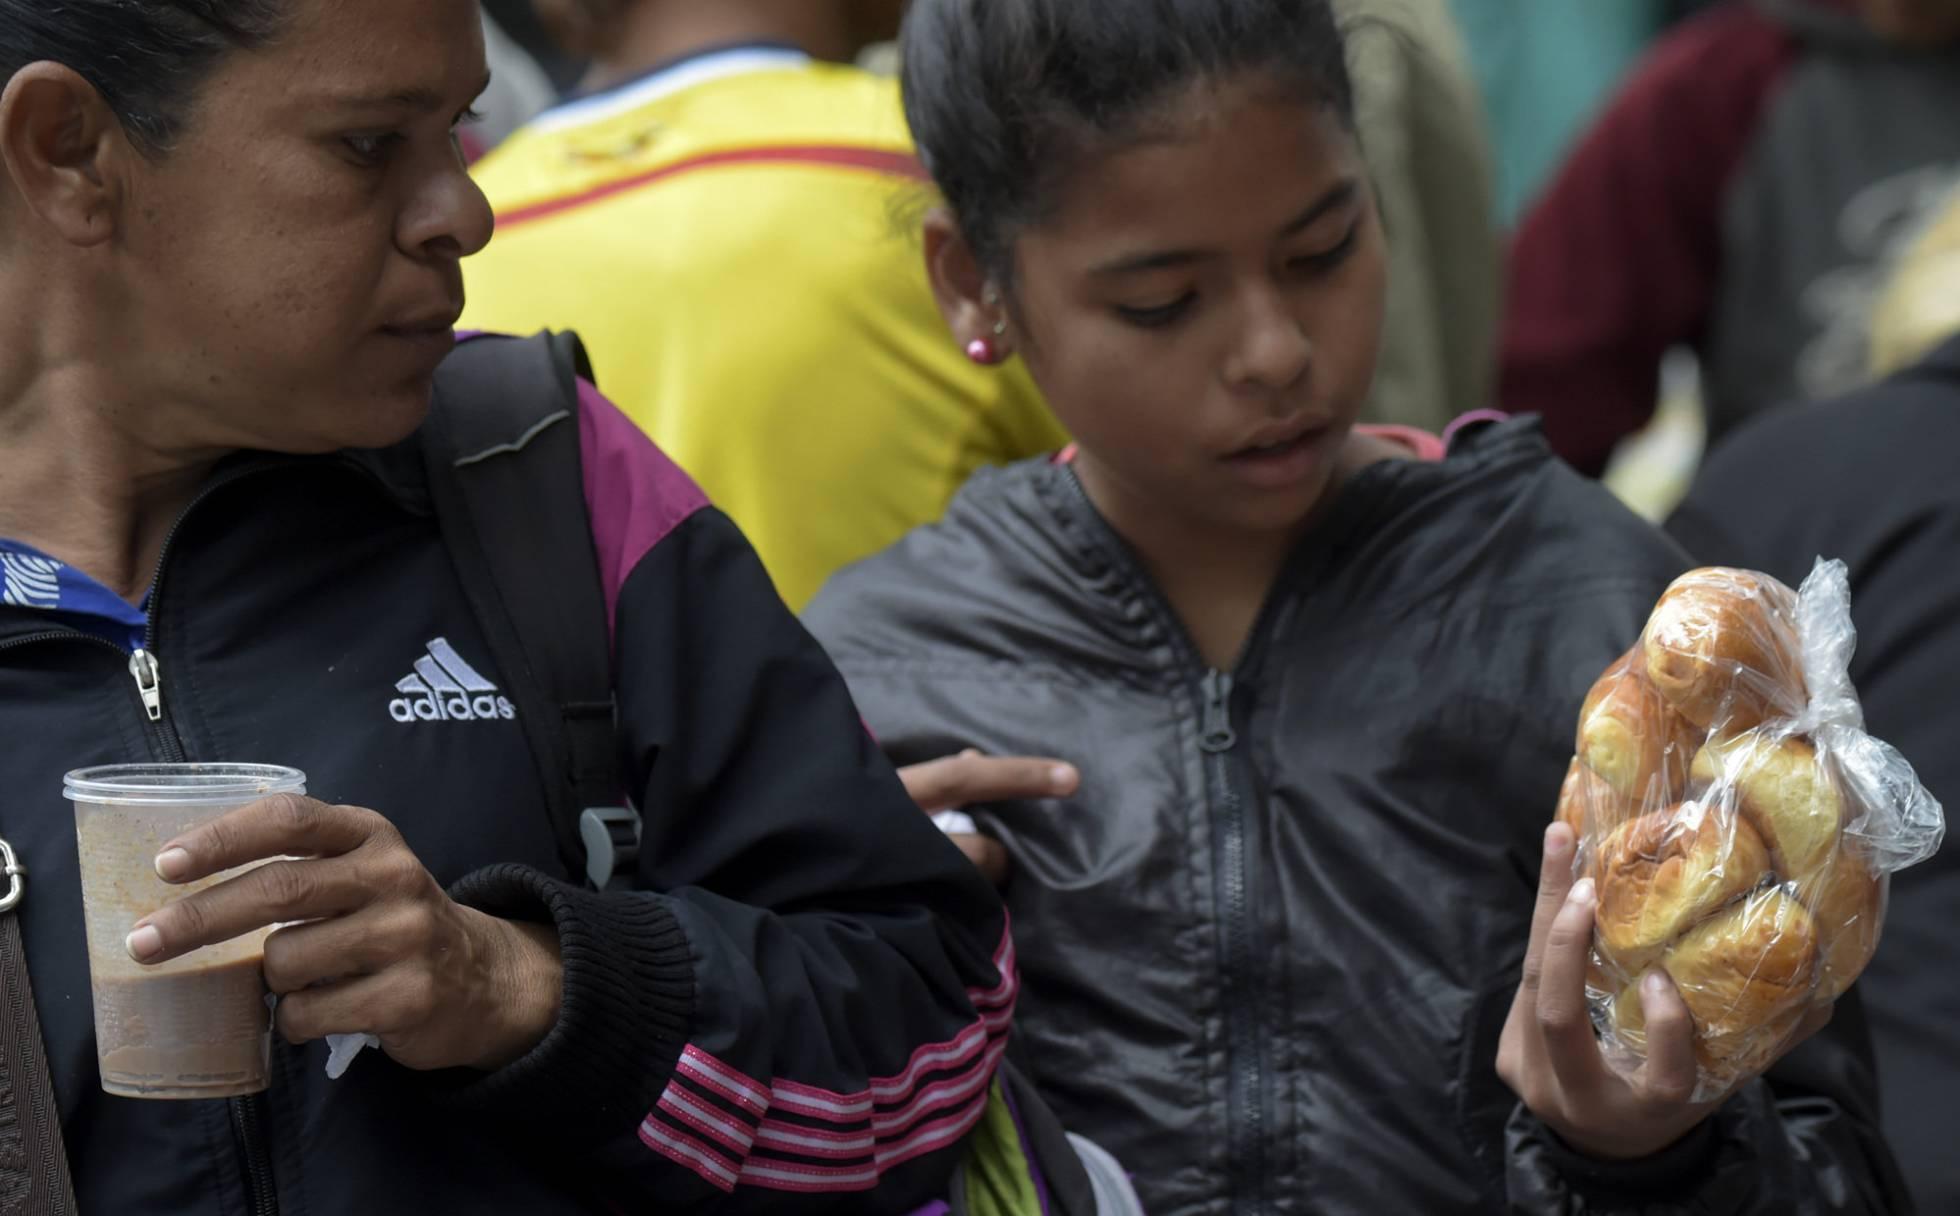 En el mundo, 821 millones de personas viven con hambre